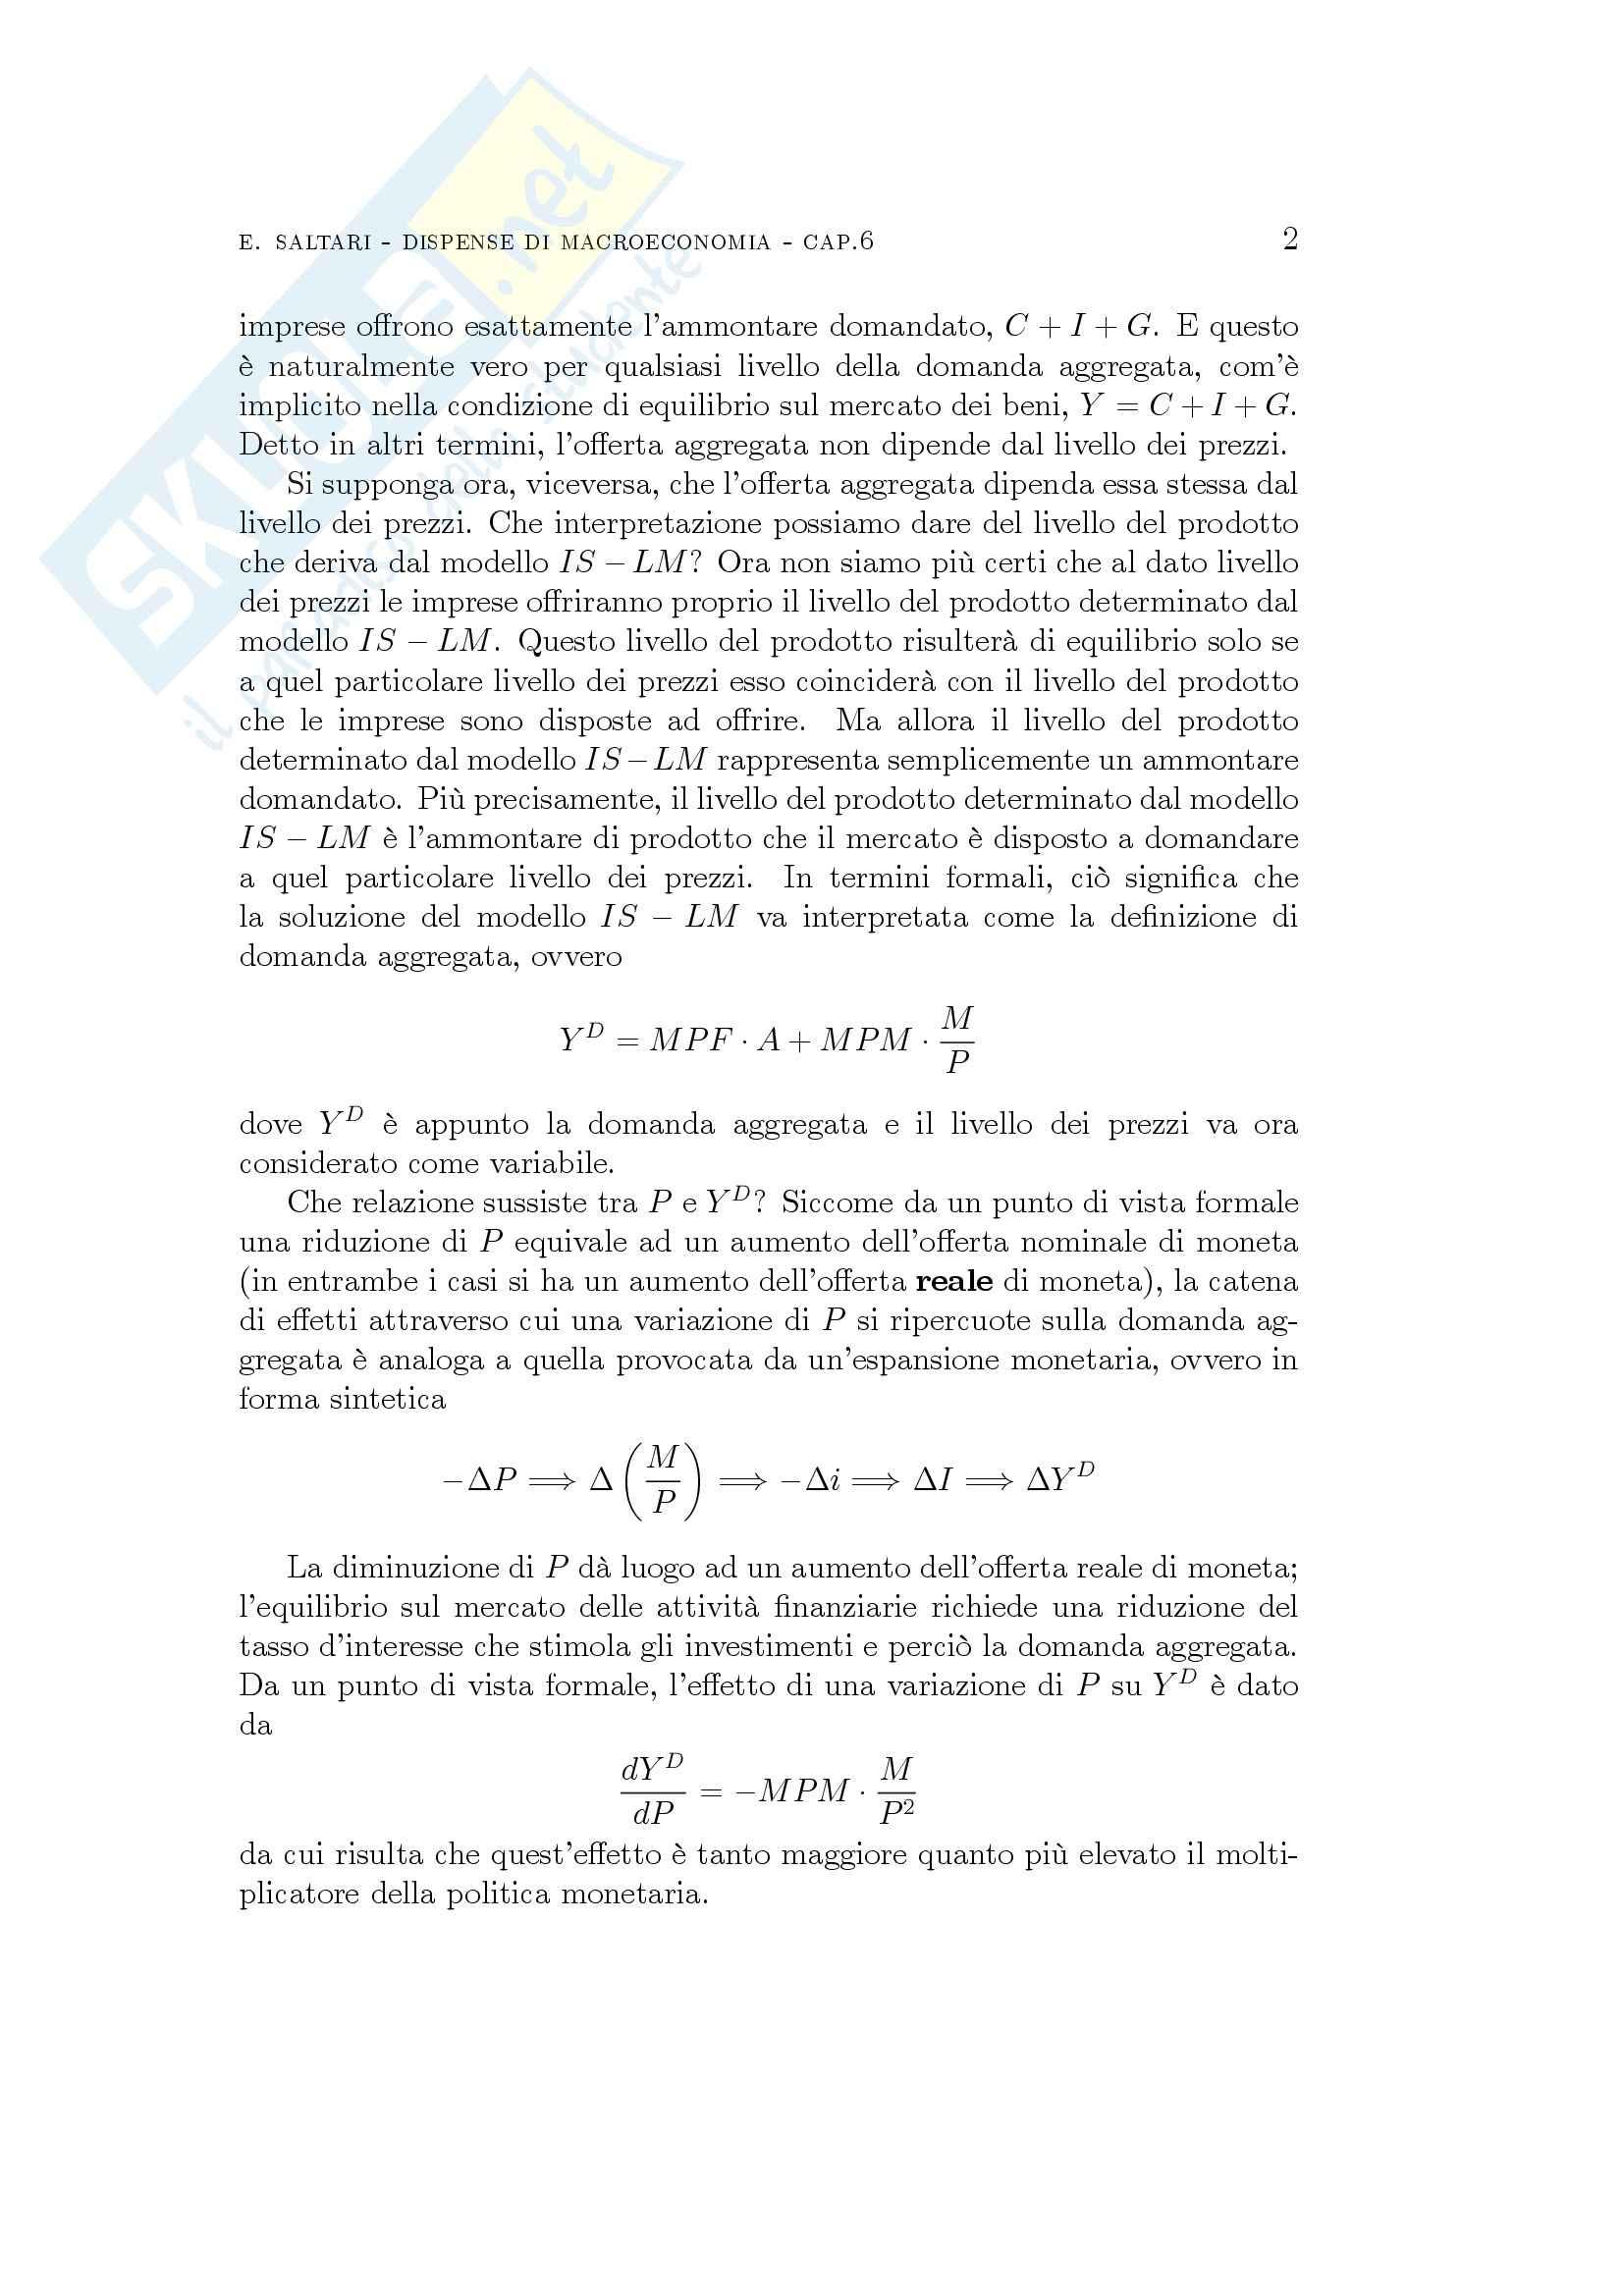 Economia finanziaria - domanda e offerta aggregata Pag. 2